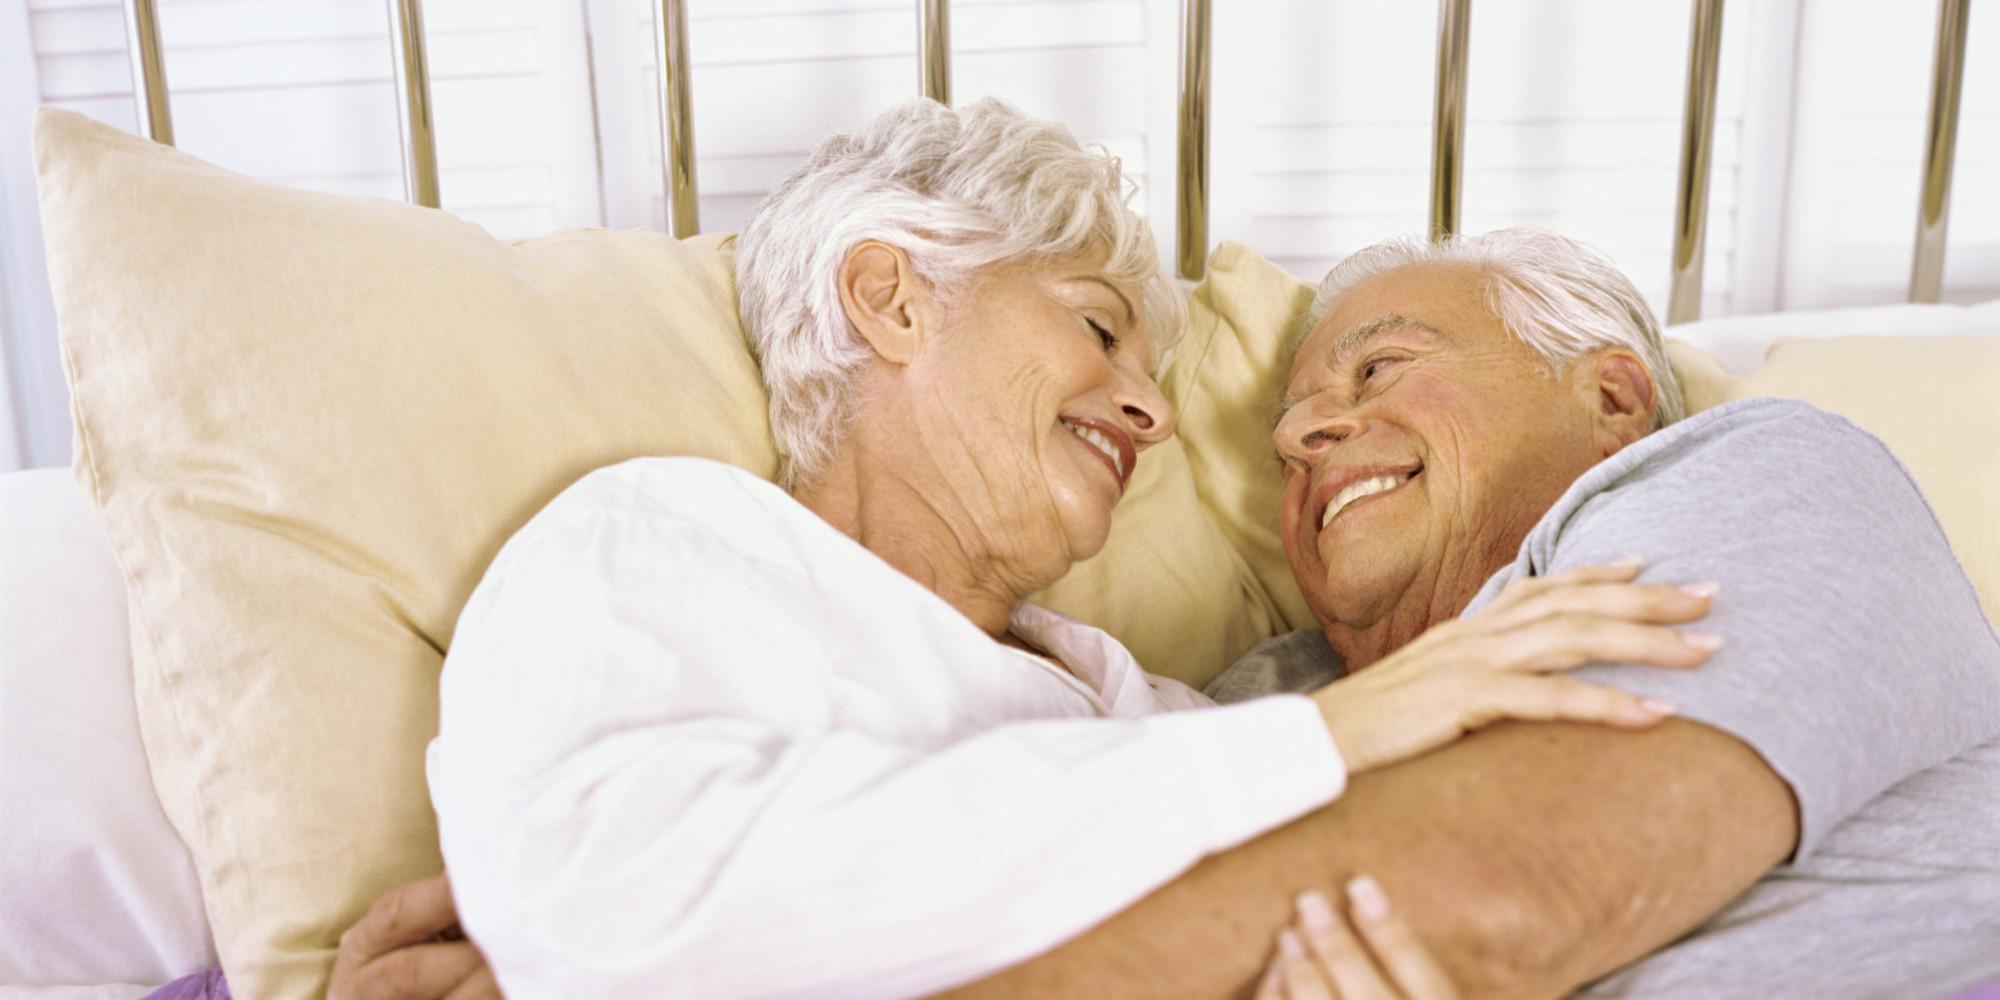 Видео пожилые женщины трахаются